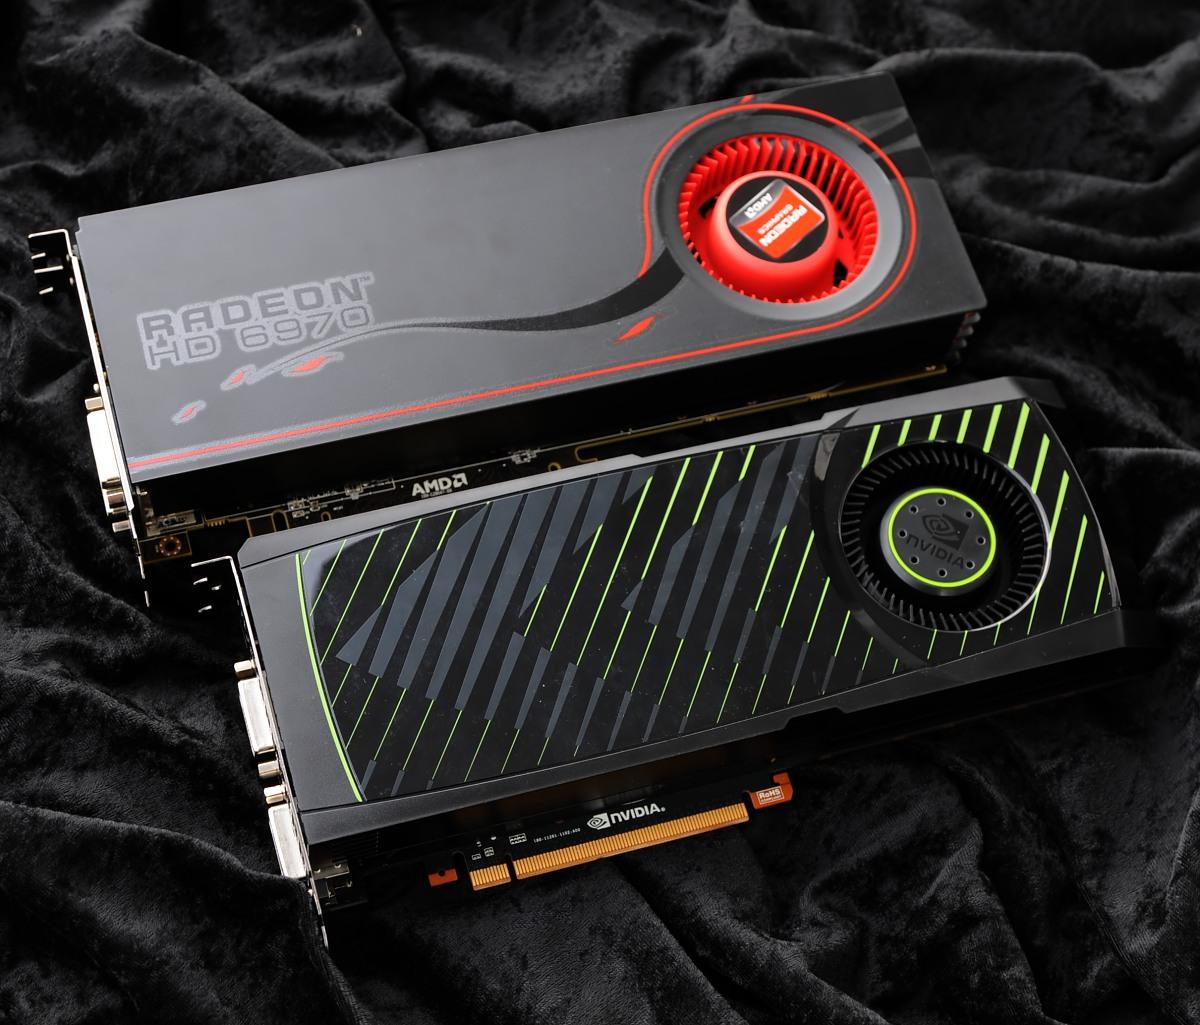 Radeon HD 6950 und 6970 im Test: AMDs schnellste GPU - knapp an der Spitze vorbei - Die Radeon 6970 kann die GTX 570 nicht immer schlagen.